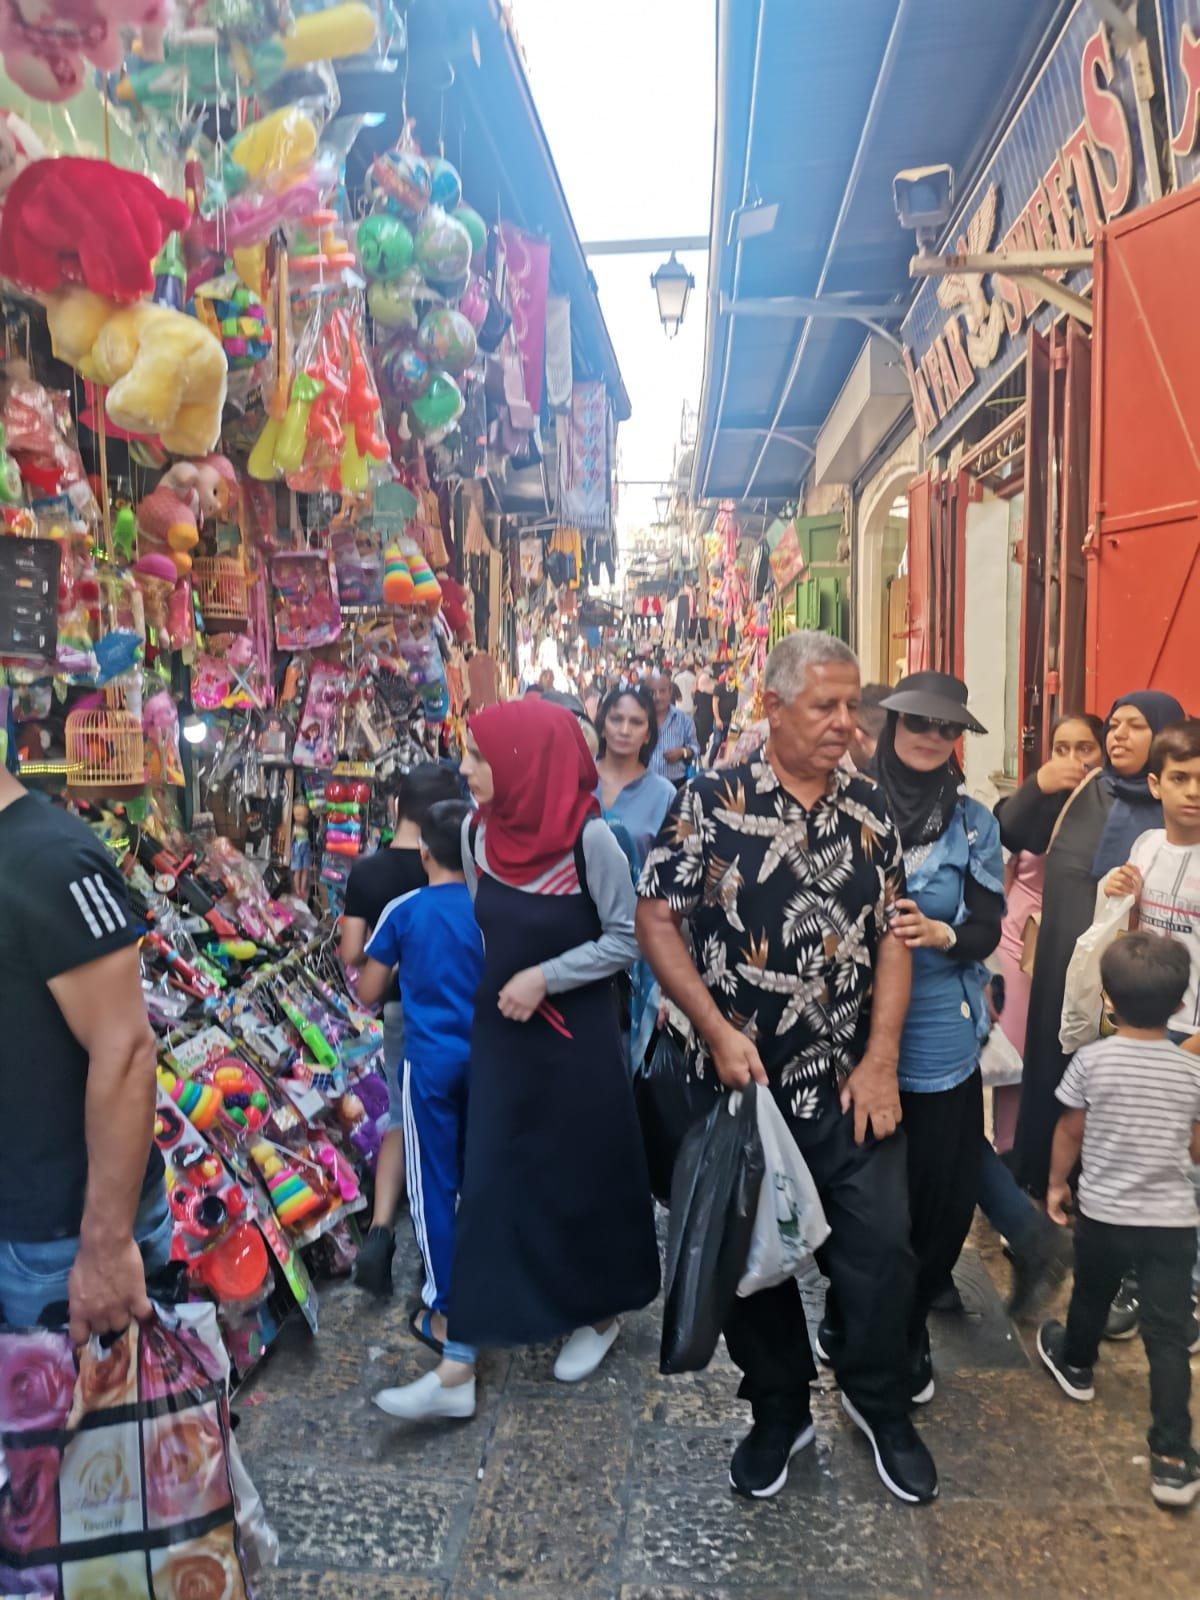 قبيل عيد الأضحى .. الأوضاع الاقتصادية والسياسية تلقي بظلالها على أسواق القدس-3